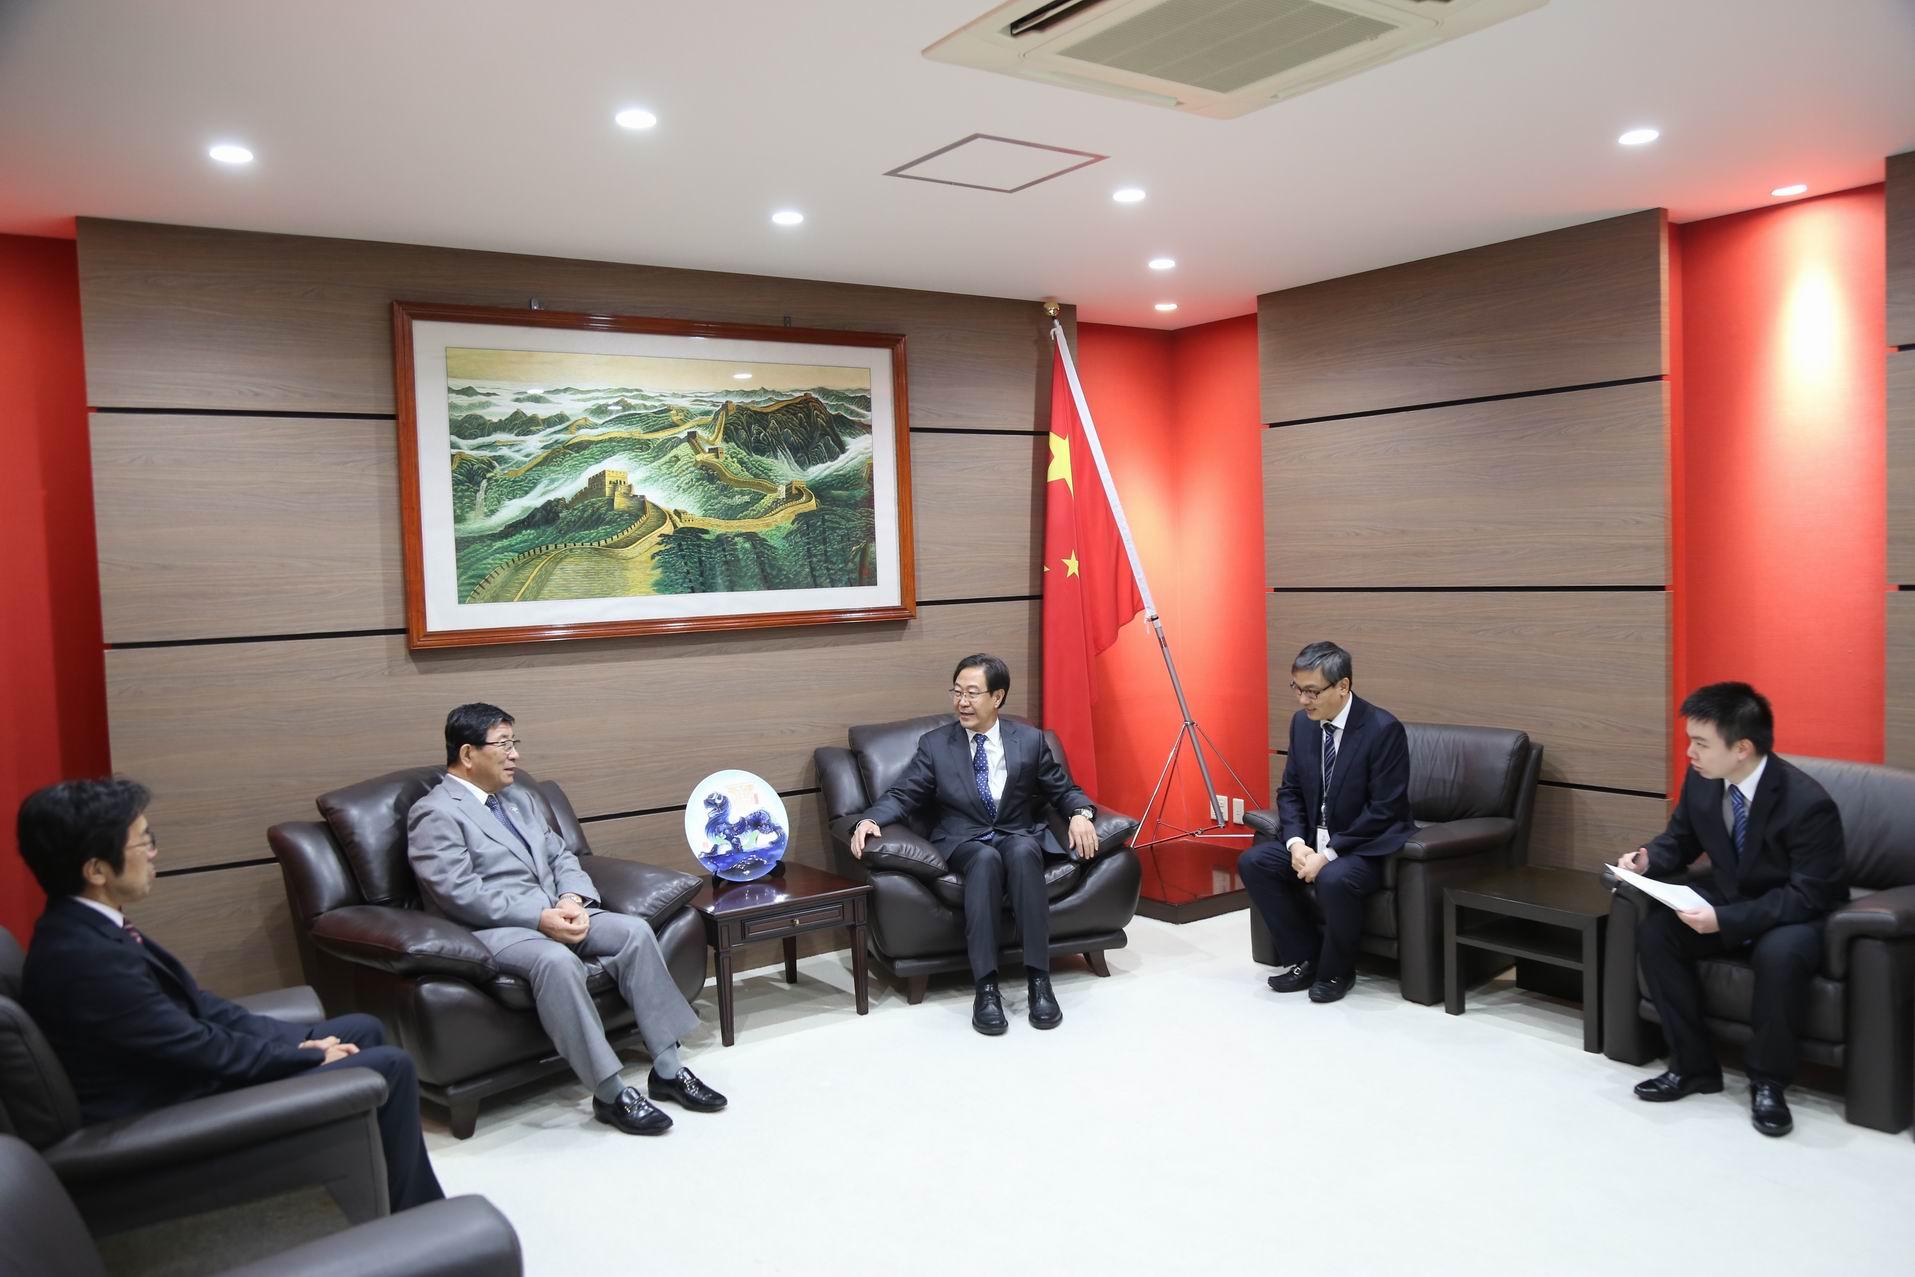 中国向日本医院捐赠物资:感谢全力救治中国确诊公民!